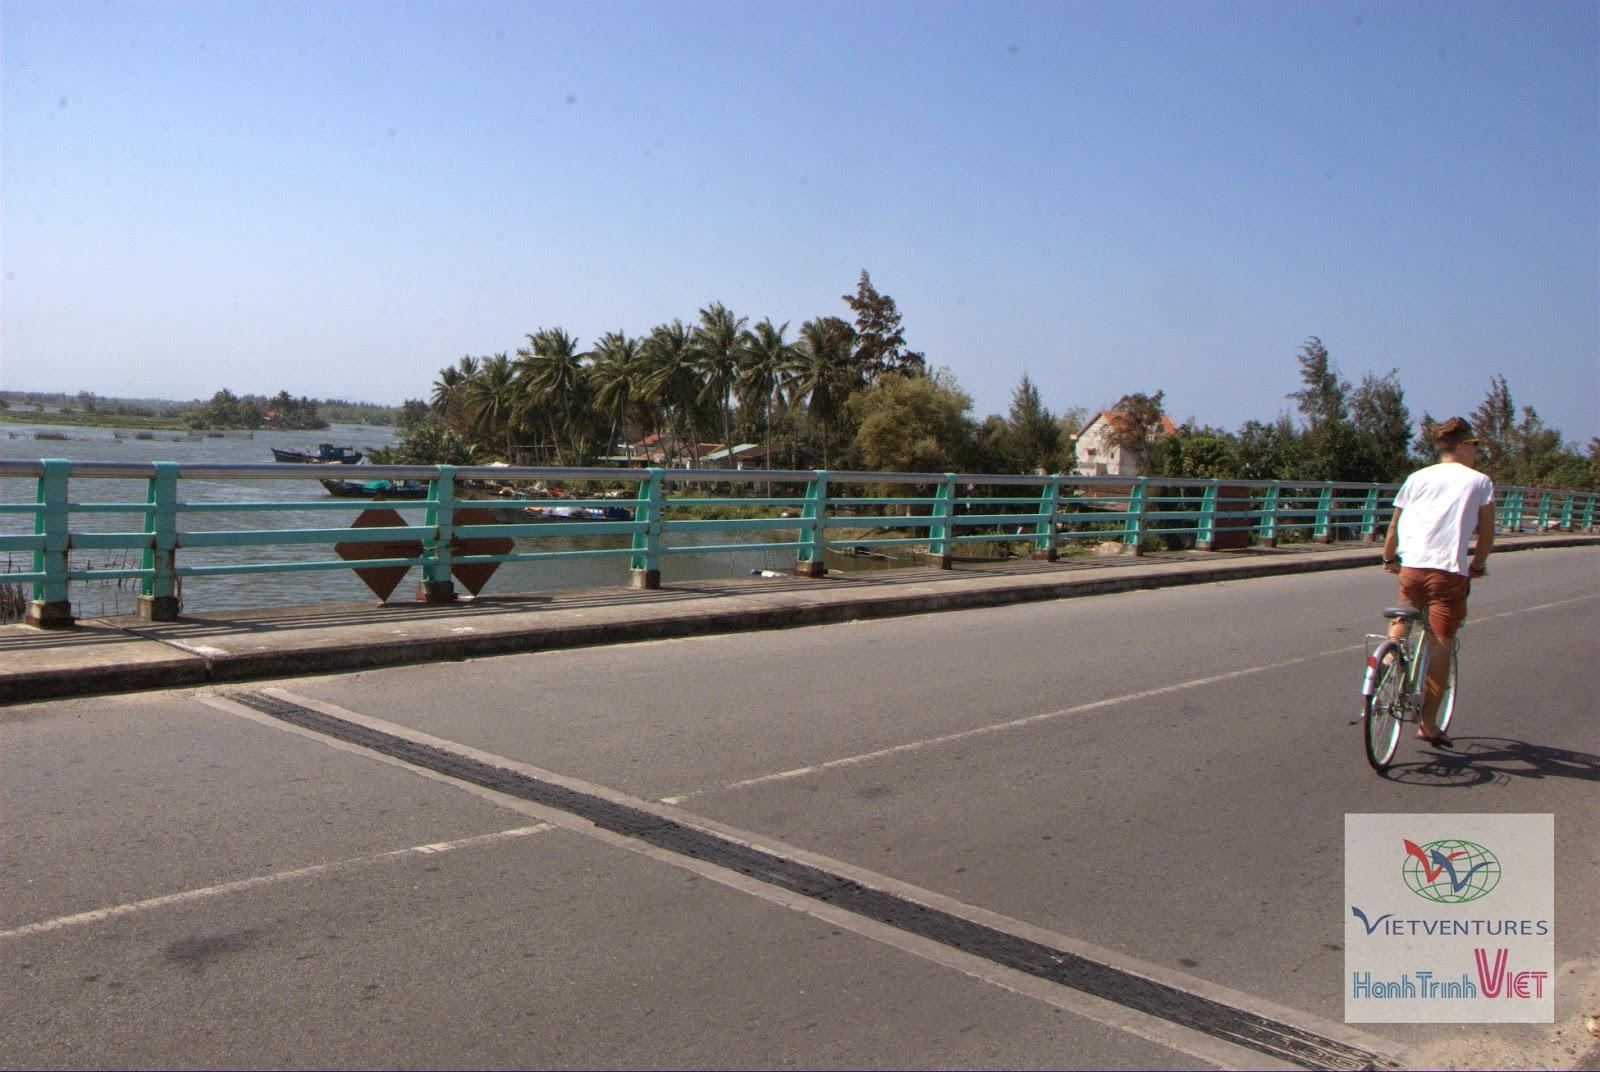 Phong cảnh nhìn từ cầu An Bàng, Trà Quế, Hội An